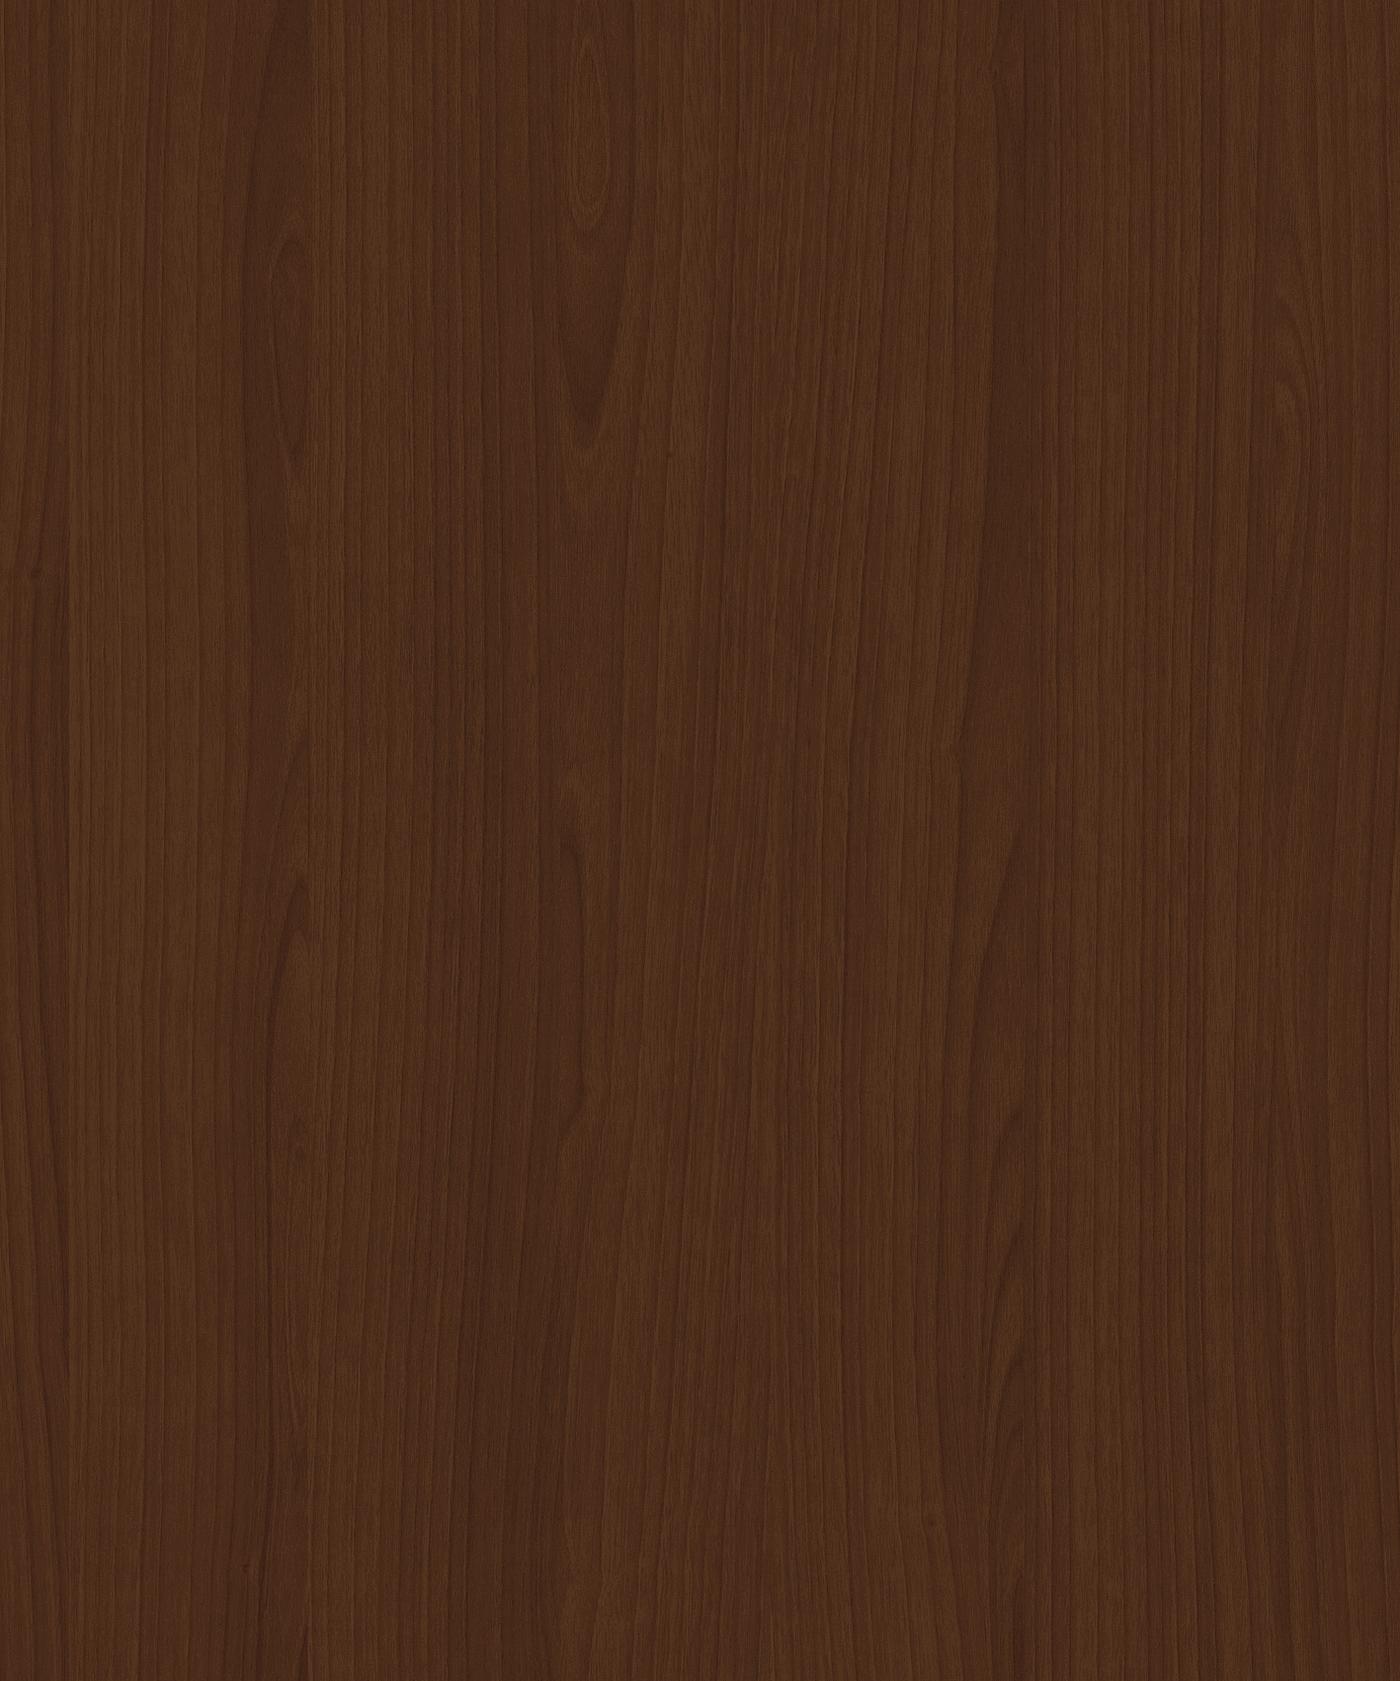 木纹高清贴图【ID:736934580】